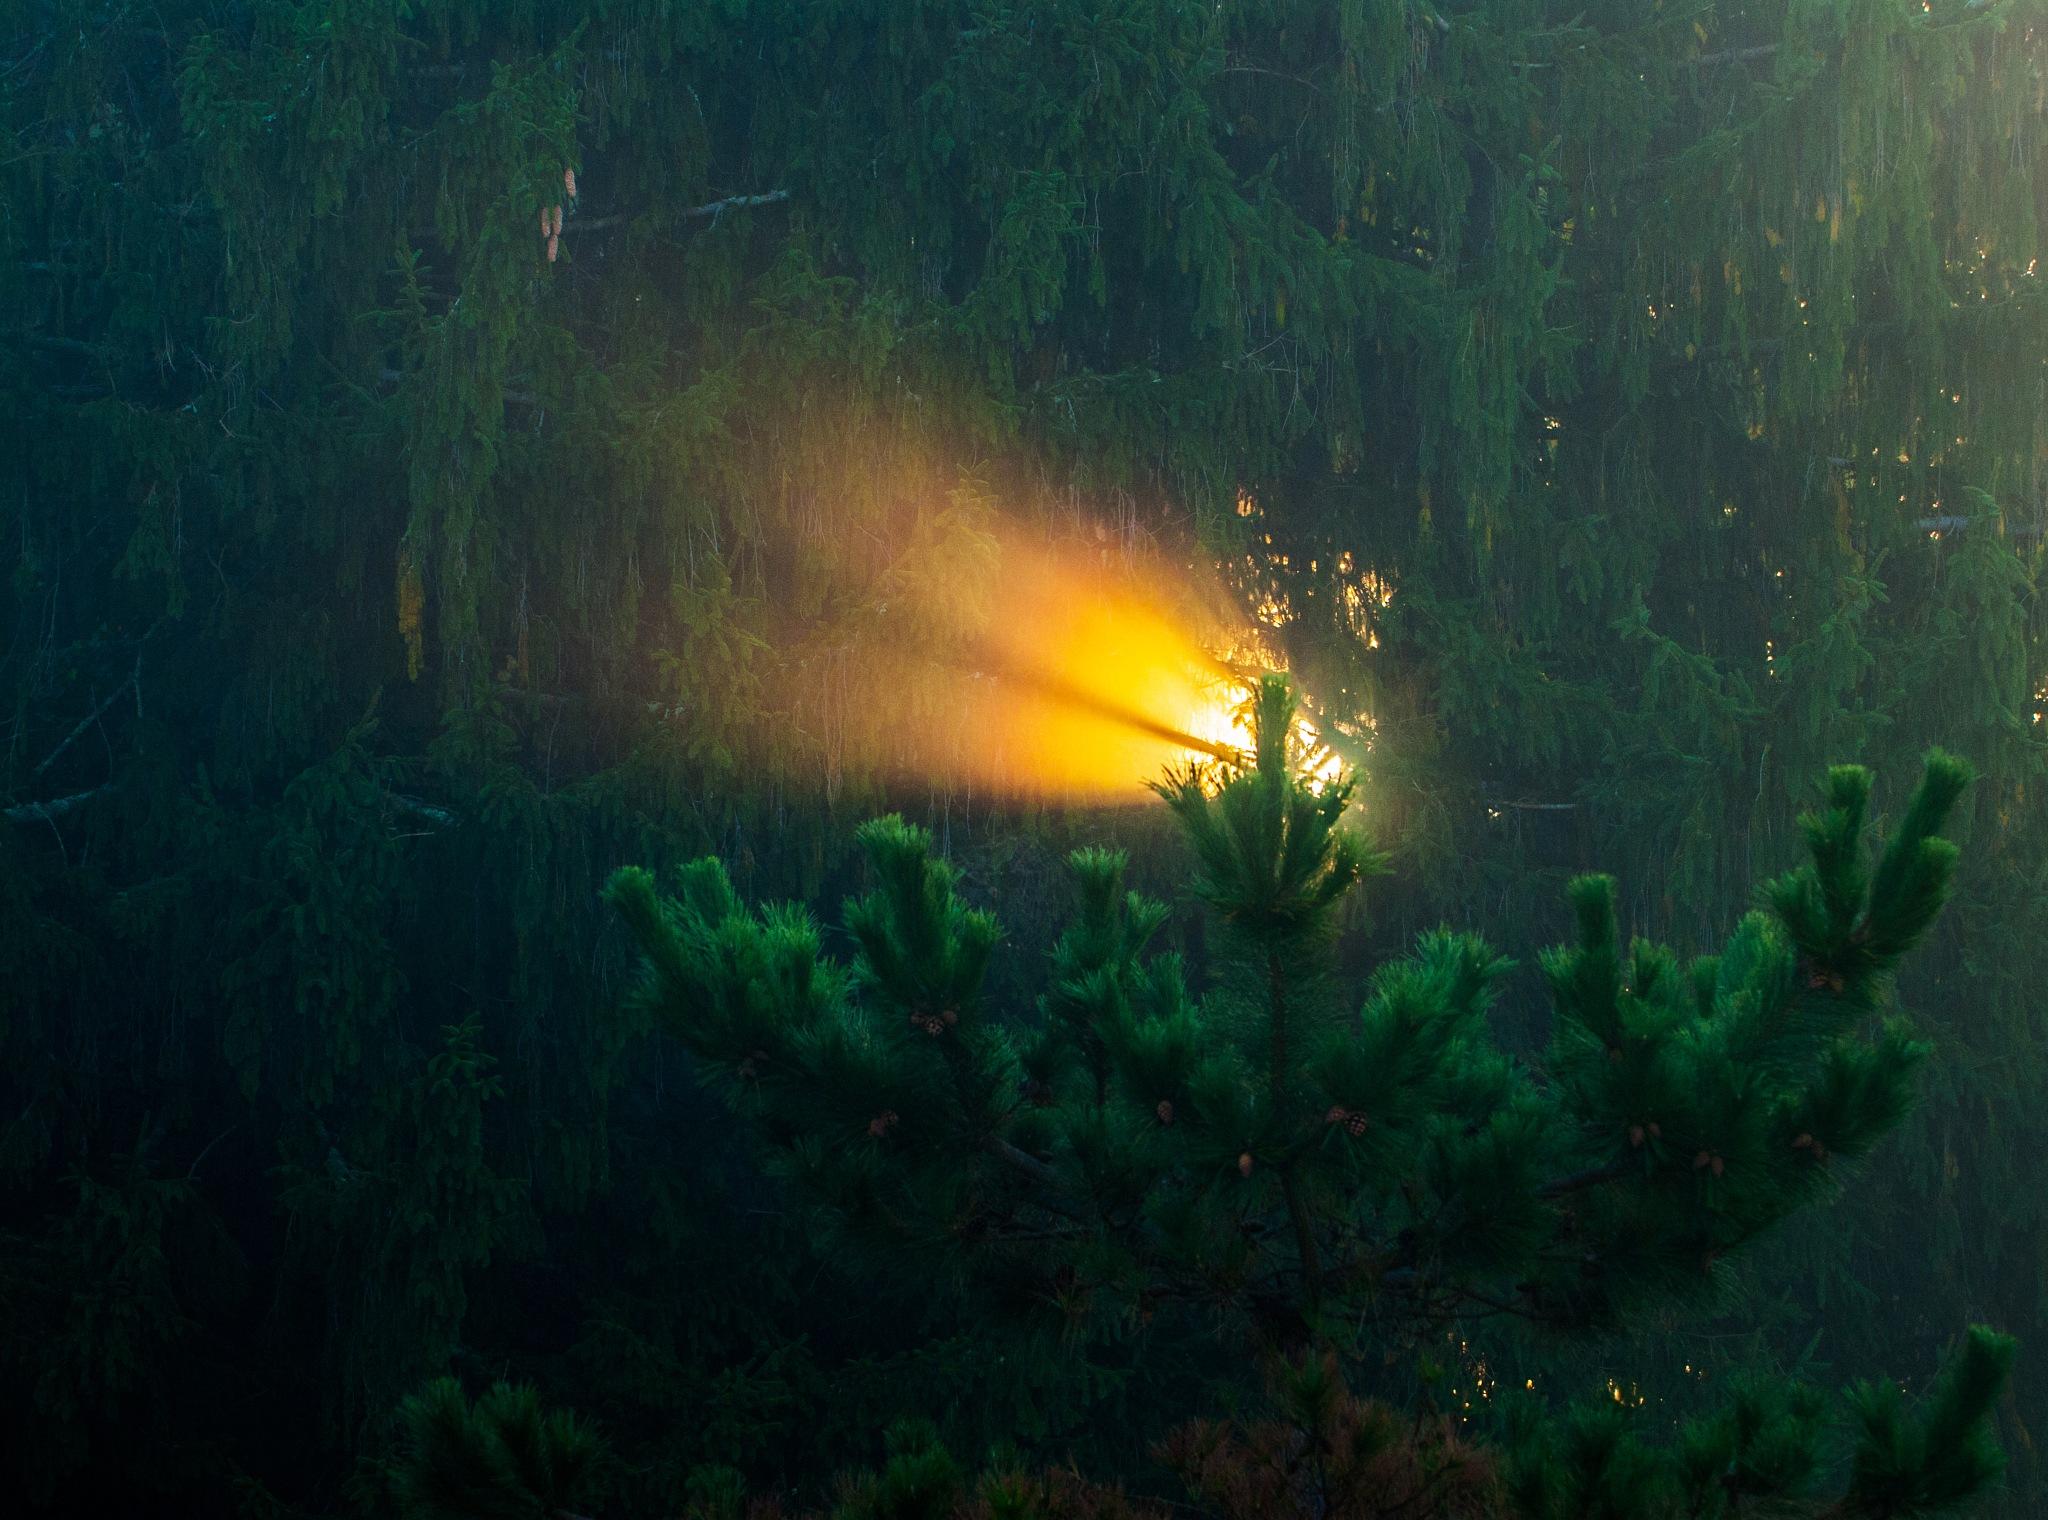 Sunrise by Dealsnphotos